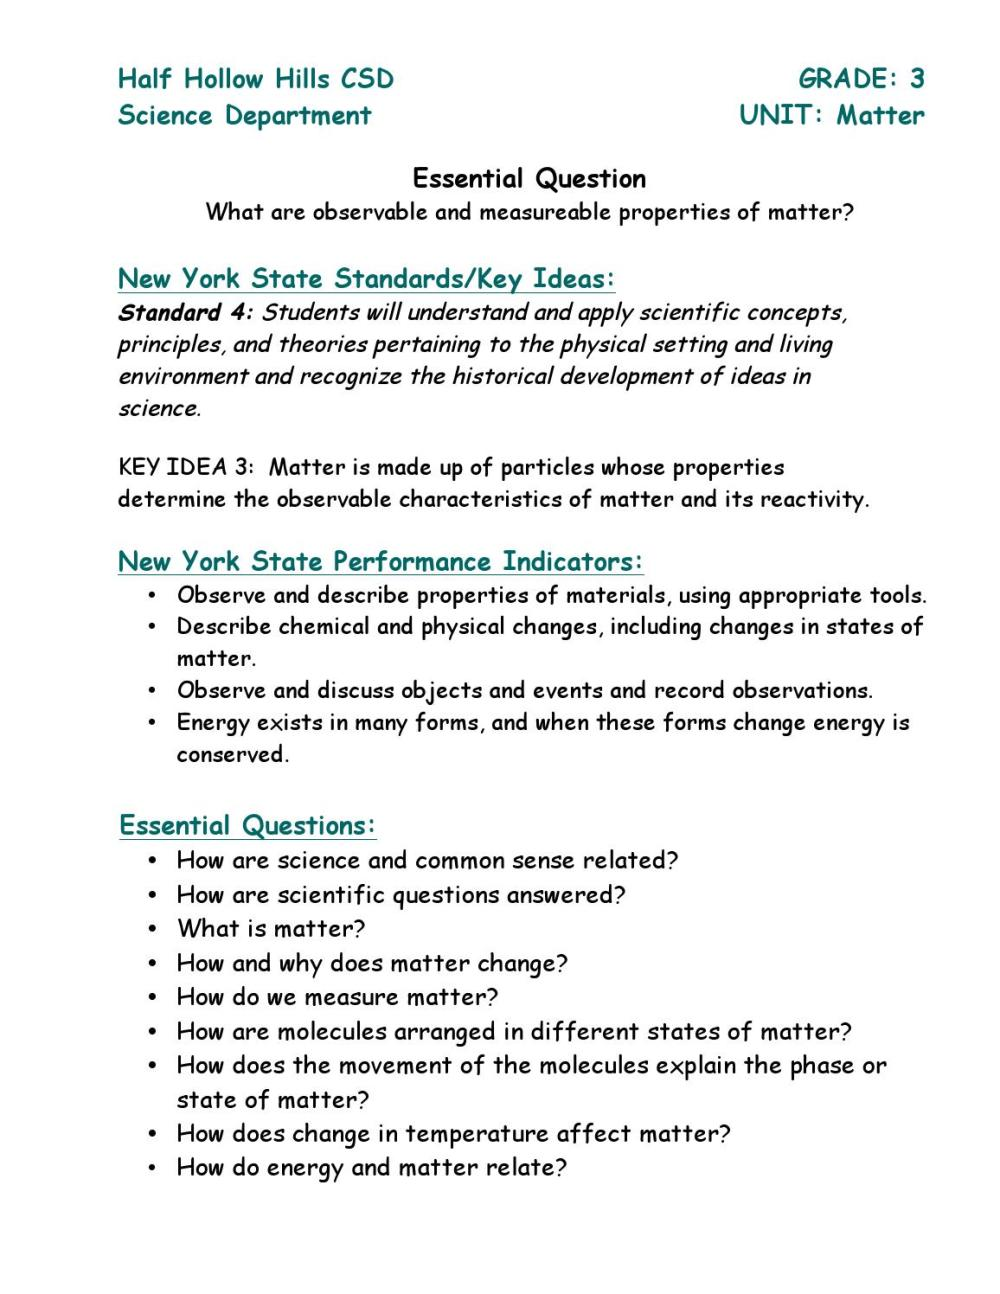 medium resolution of Grade 3 matter unit by Half Hollow Hills Schools - issuu